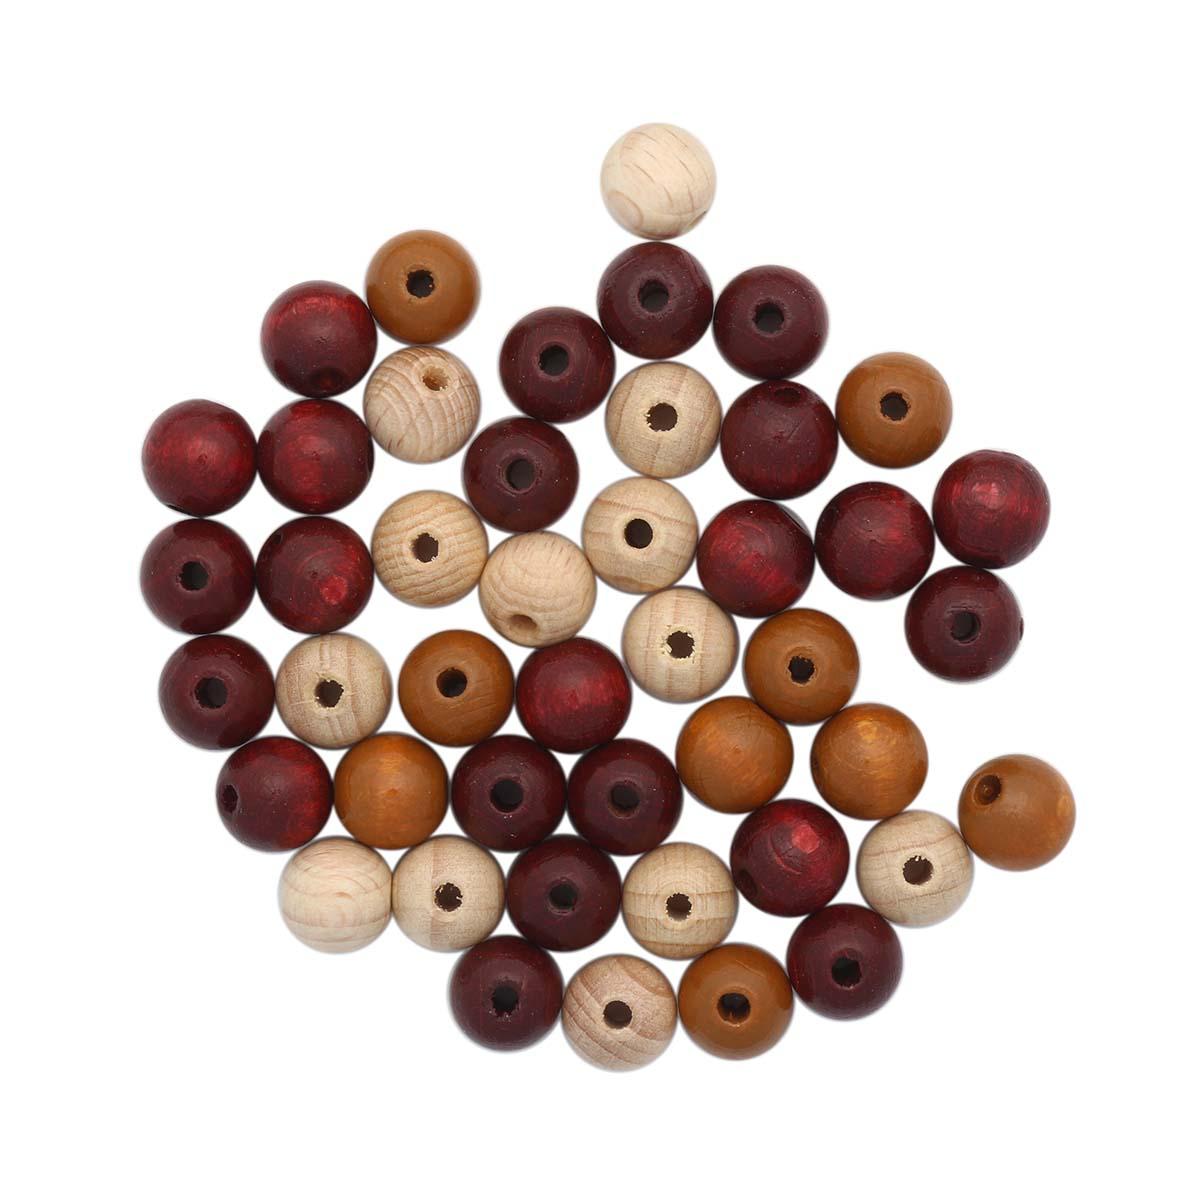 61654056 Бусины дерево, коричневый микс,10 мм, упак./47 шт., Glorex